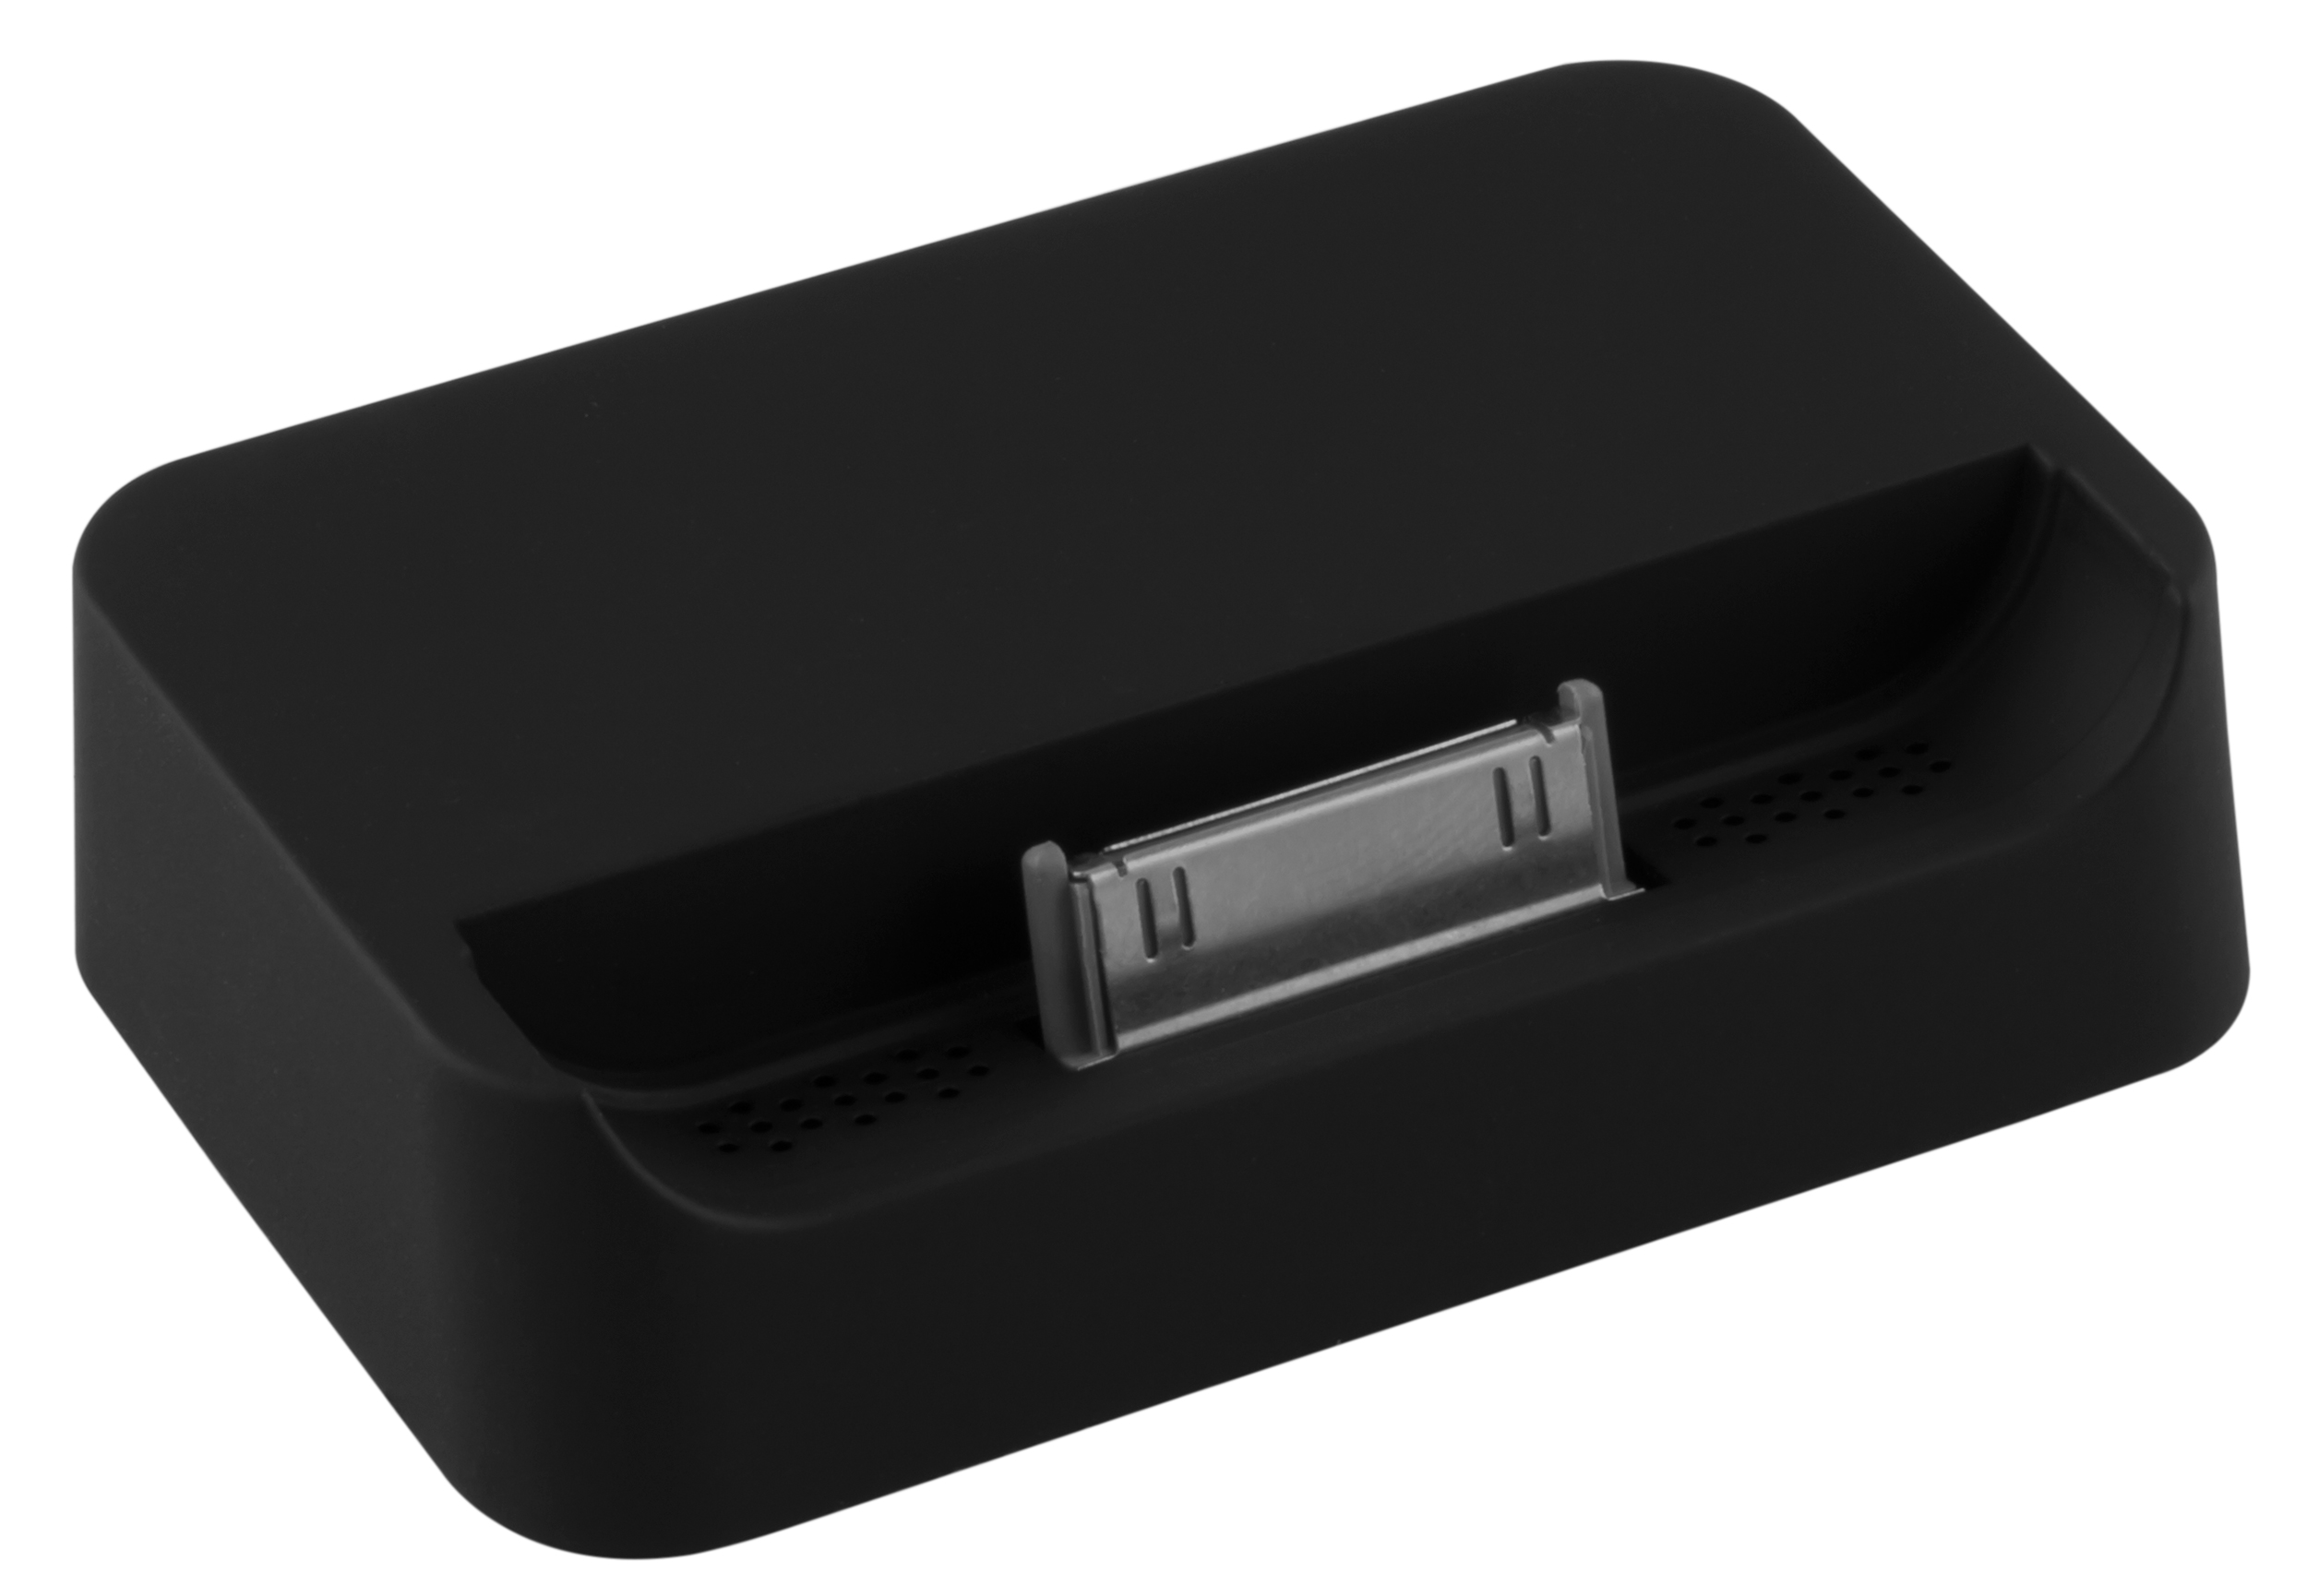 dockingstation usb datenkabel f r apple iphone 4 4s. Black Bedroom Furniture Sets. Home Design Ideas